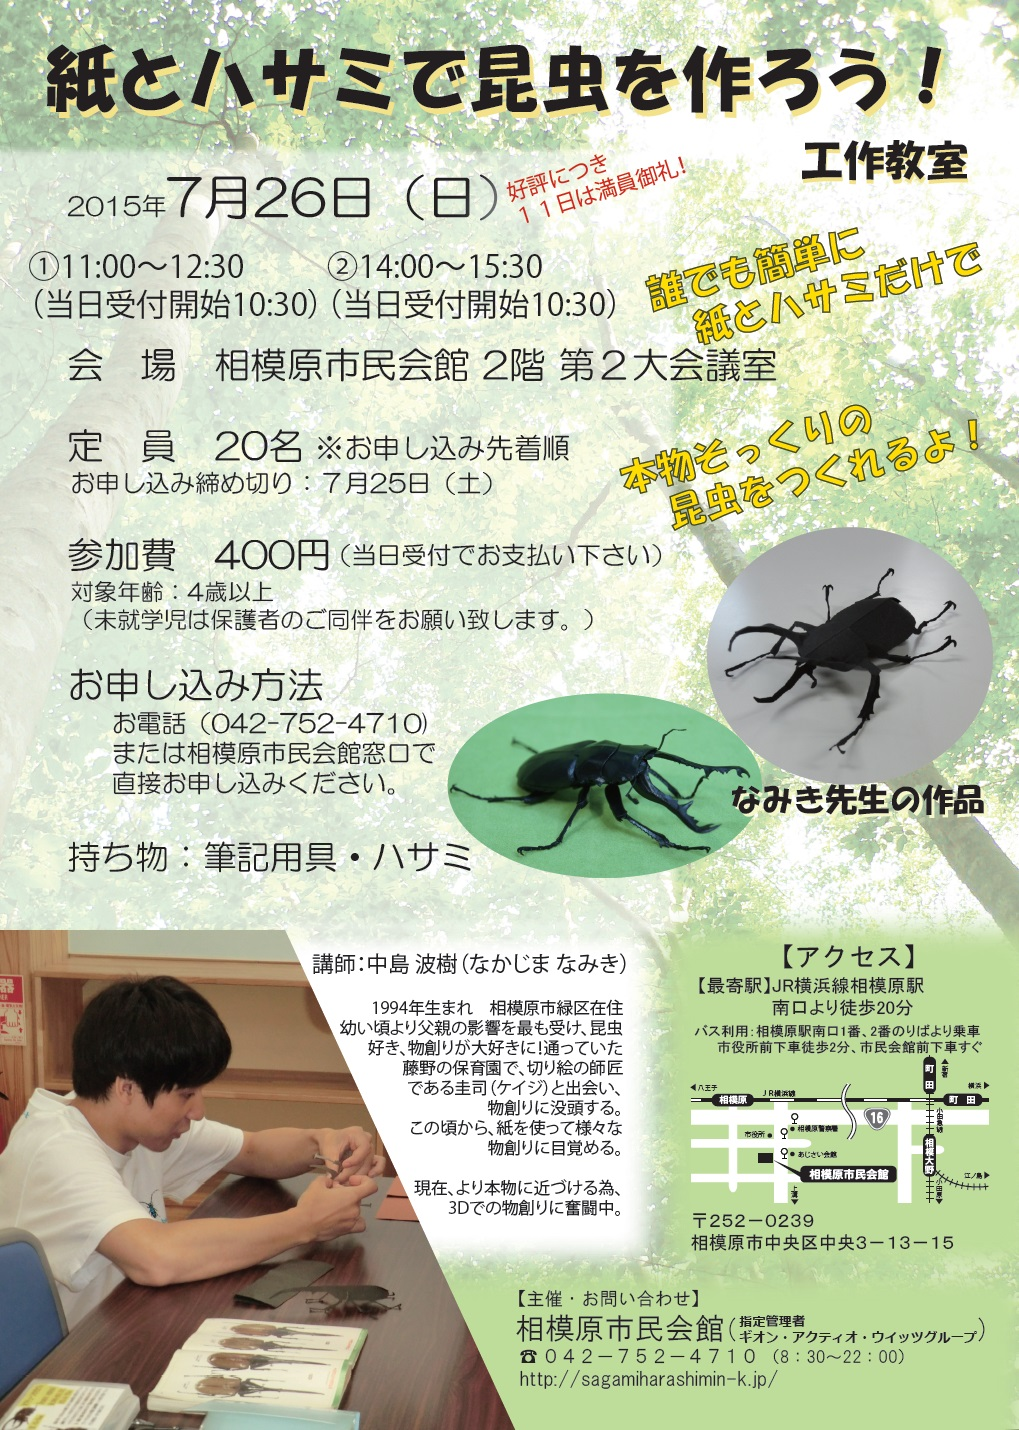 昆虫工作教室チラシ